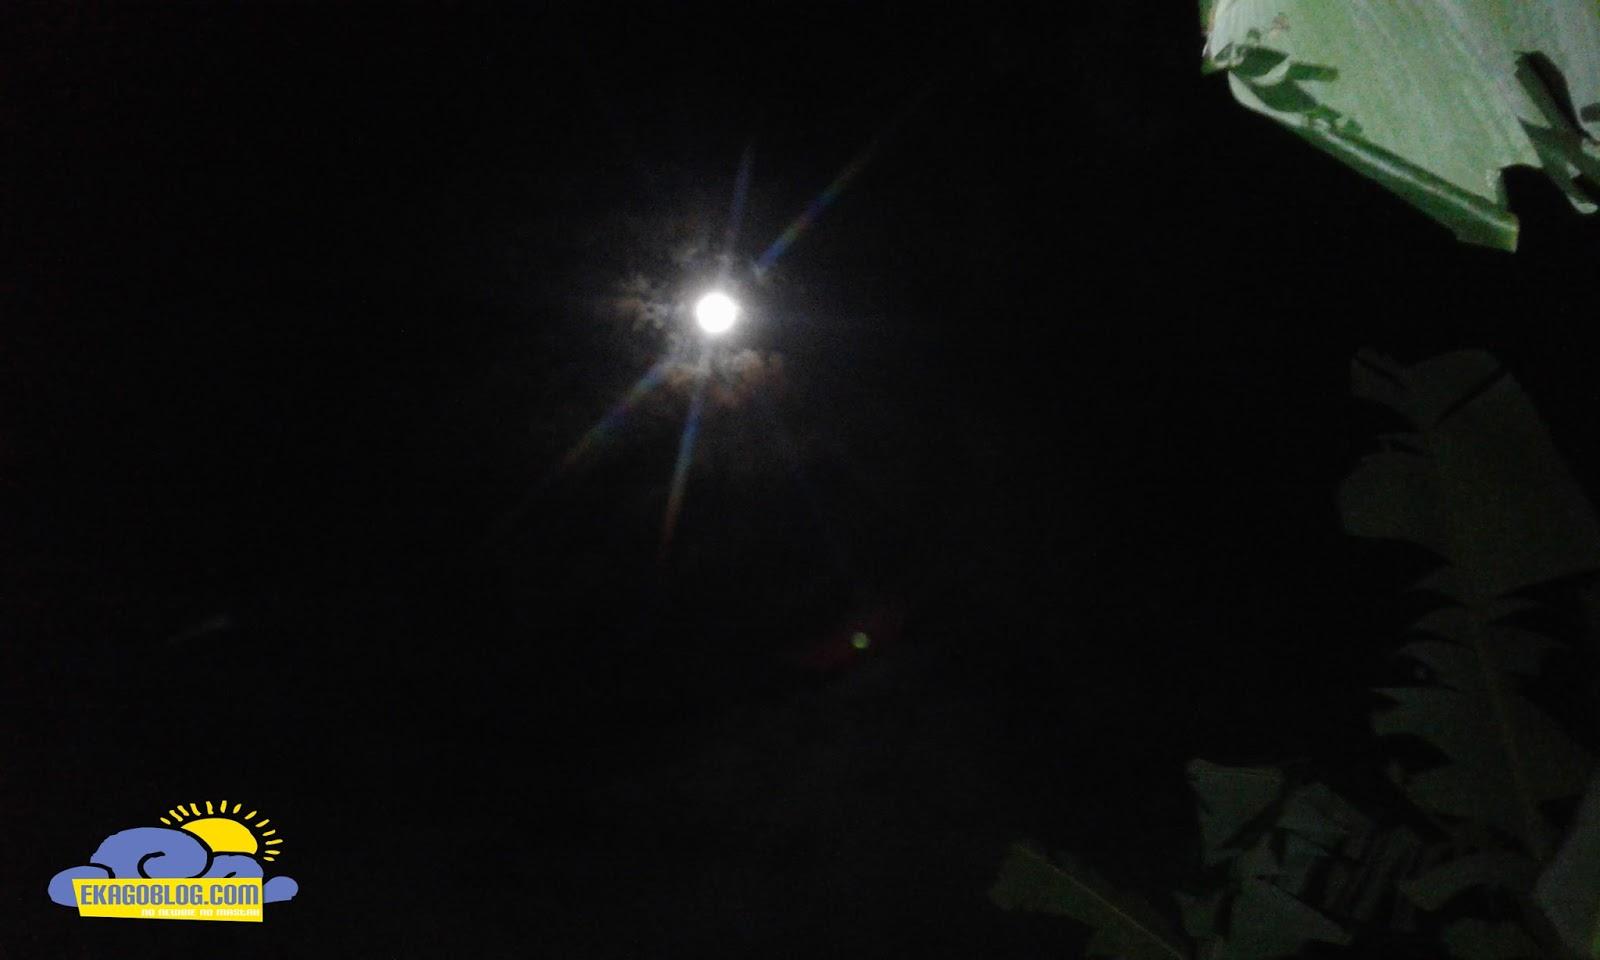 Menikmati Indahnya Bulan Di Malam Yang Cerah-ekagoblog.com